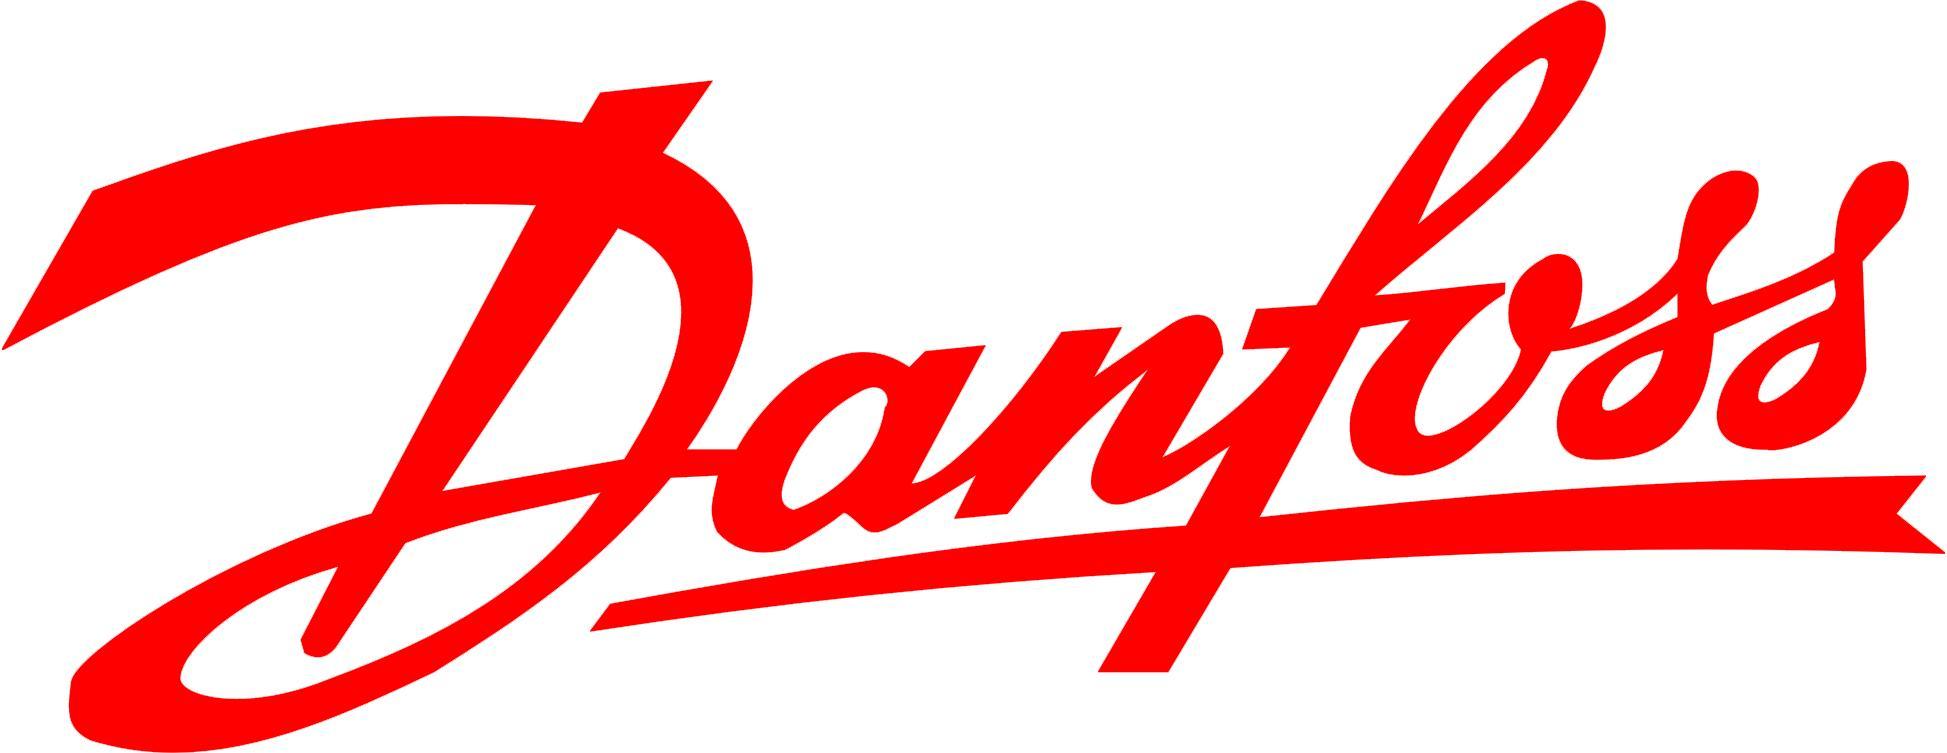 محصولات دانفوس (Danfoss)